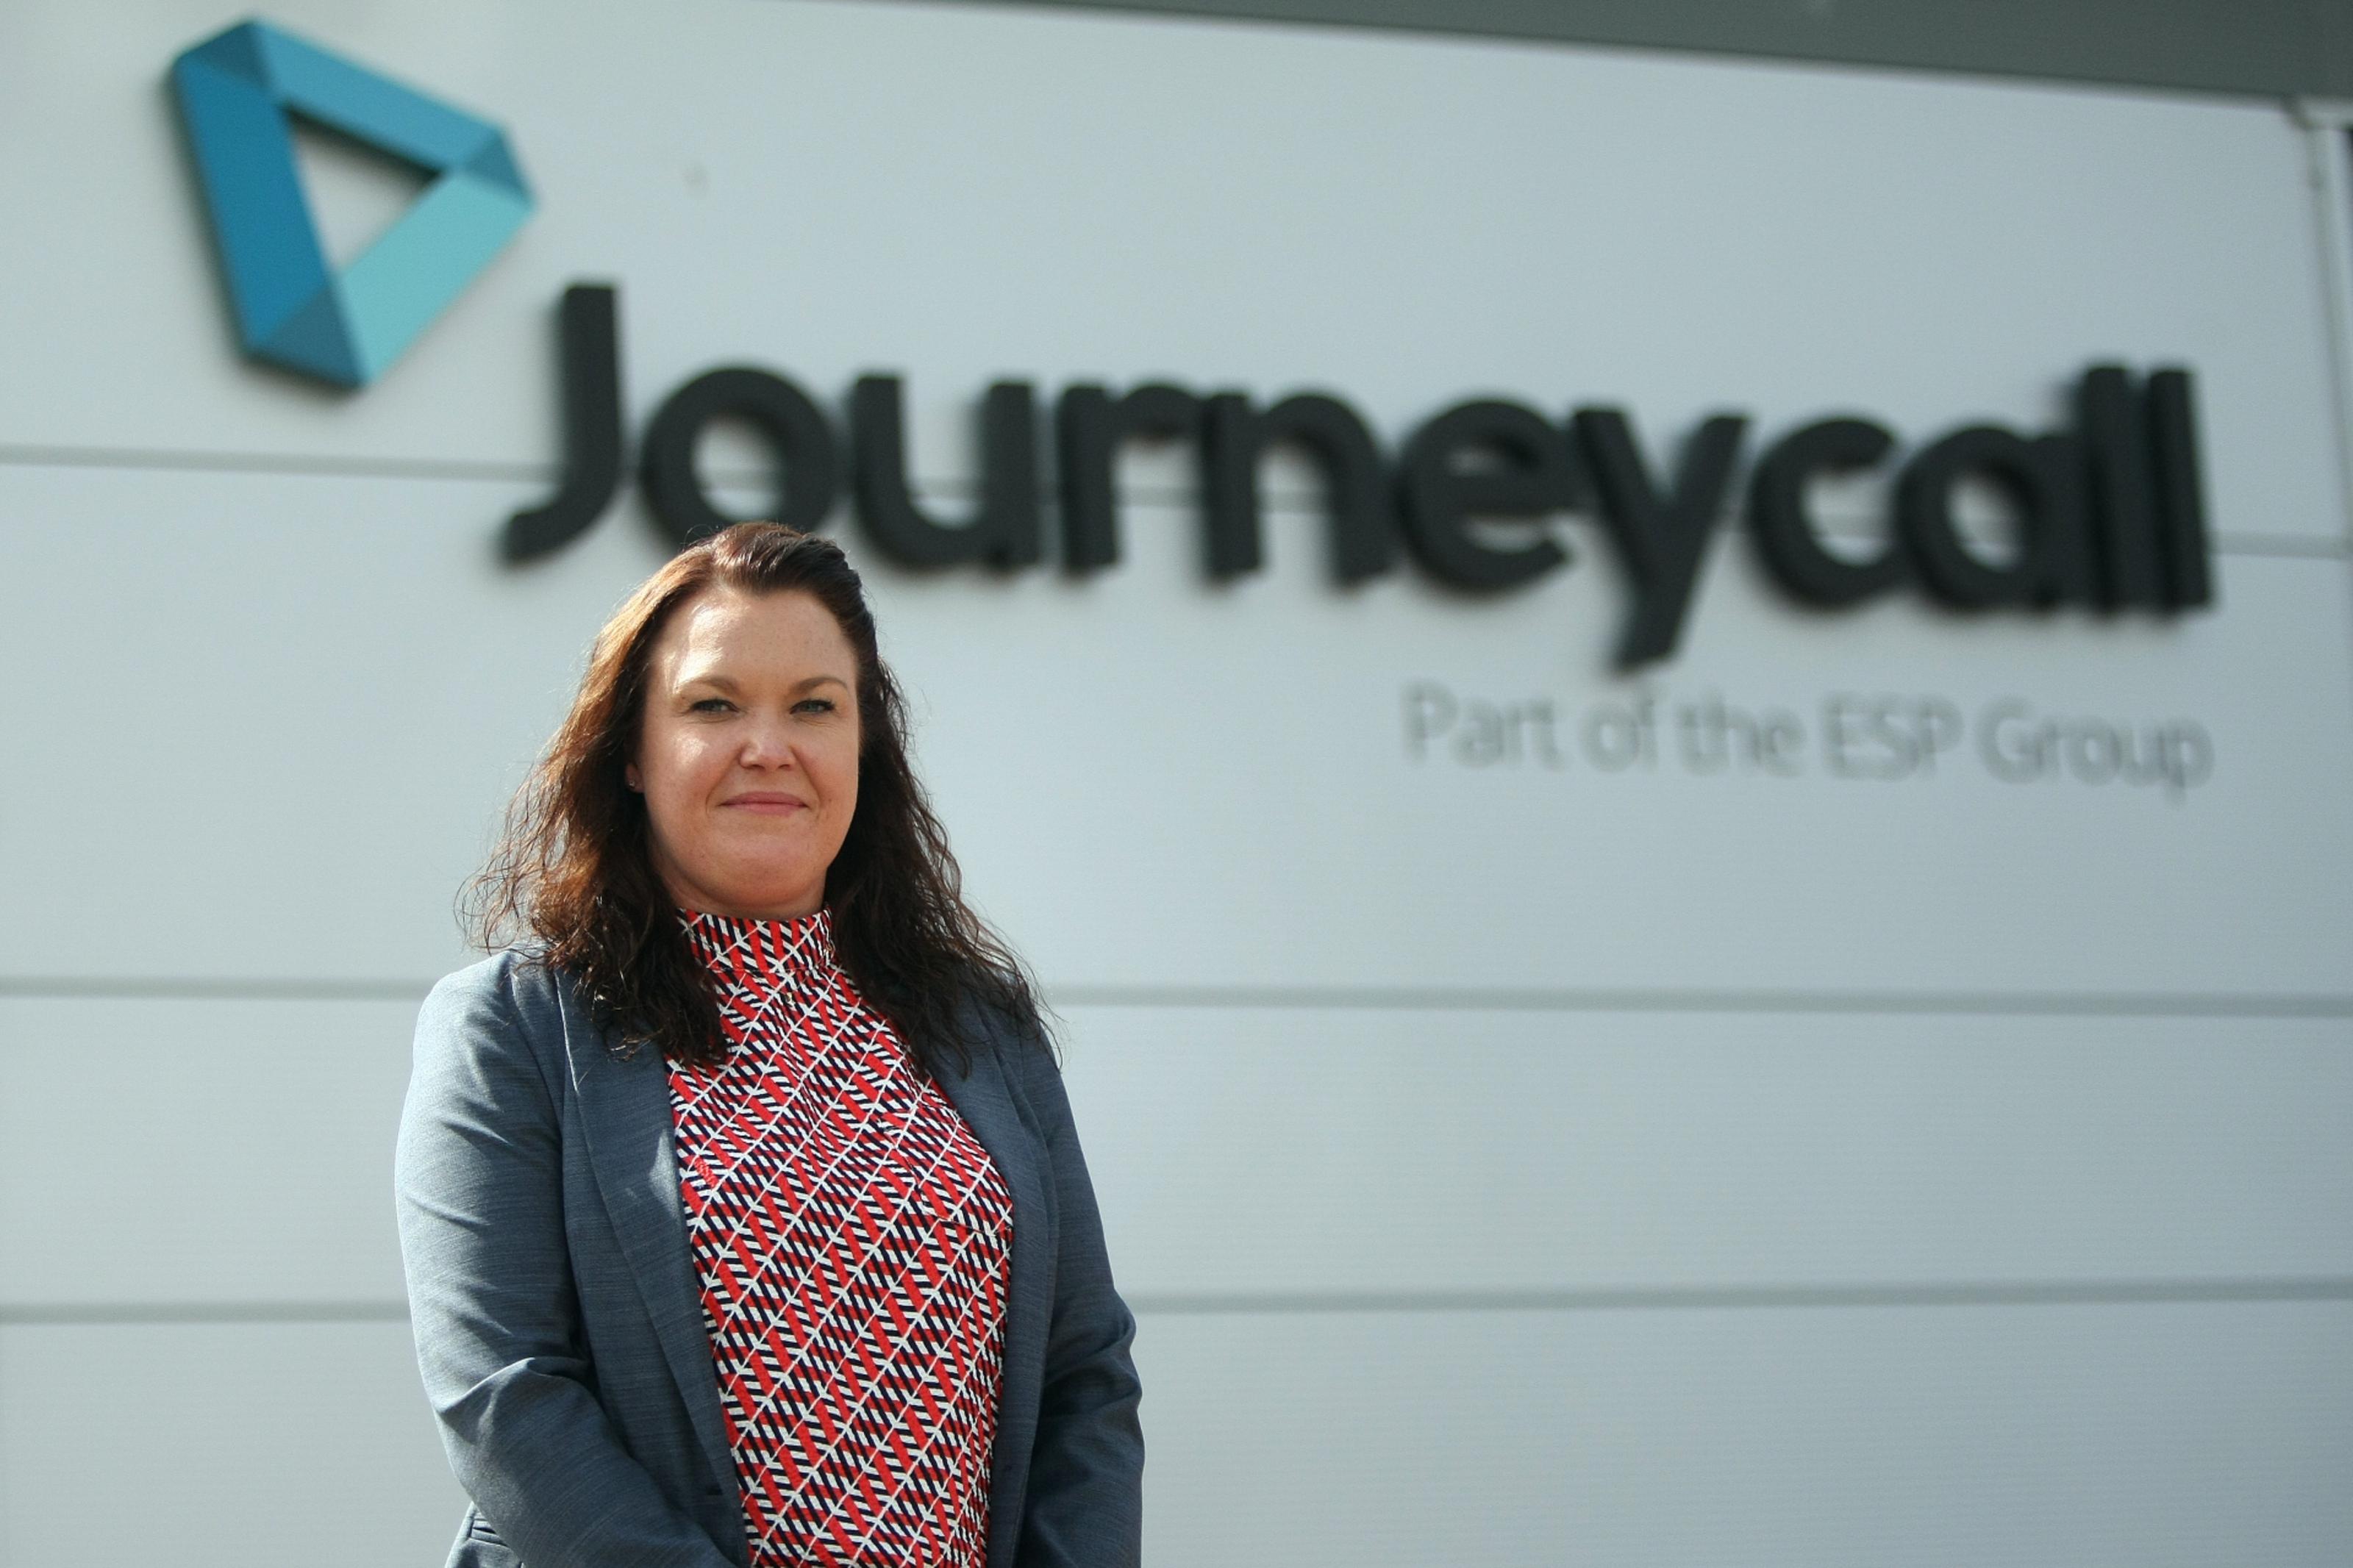 Journeycall MD Theresa Wishart.